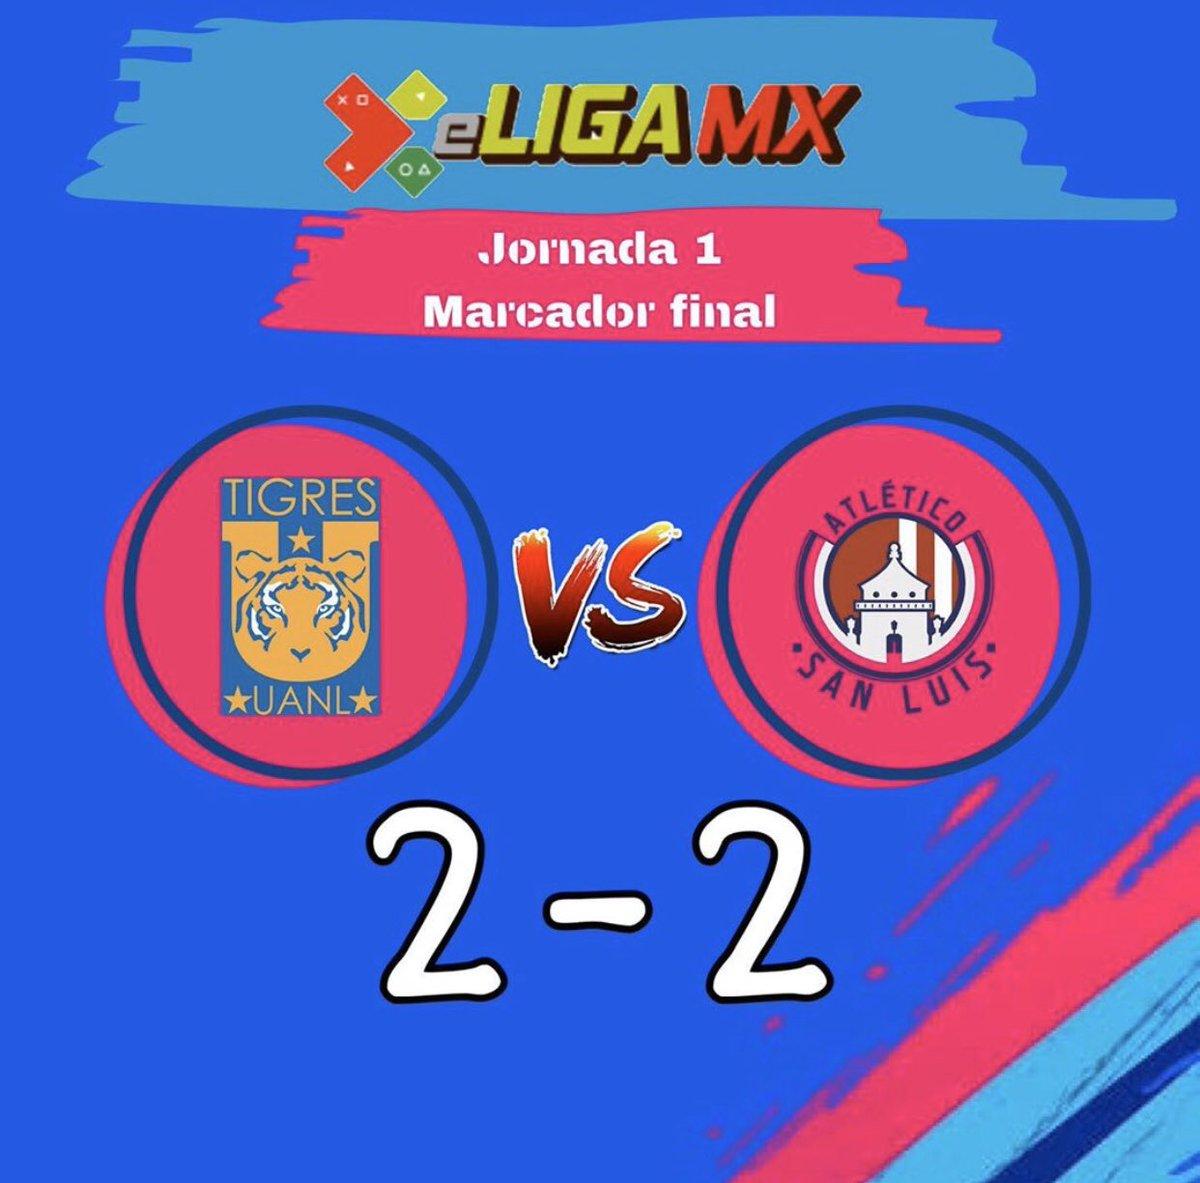 #eligamx #ligabbva  Así termino el segundo día de actividades de la eLiga Mx, con el empate entre #TeamQuiñones y #TeamReyes , tuvimos el empate entre #TeamDieter y #TeamRolan y para cerrar el día tuvimos la victoria del #TeamPardo  #ligamx #aficionadosquehablamosfutbol https://t.co/5xbNayLvoz